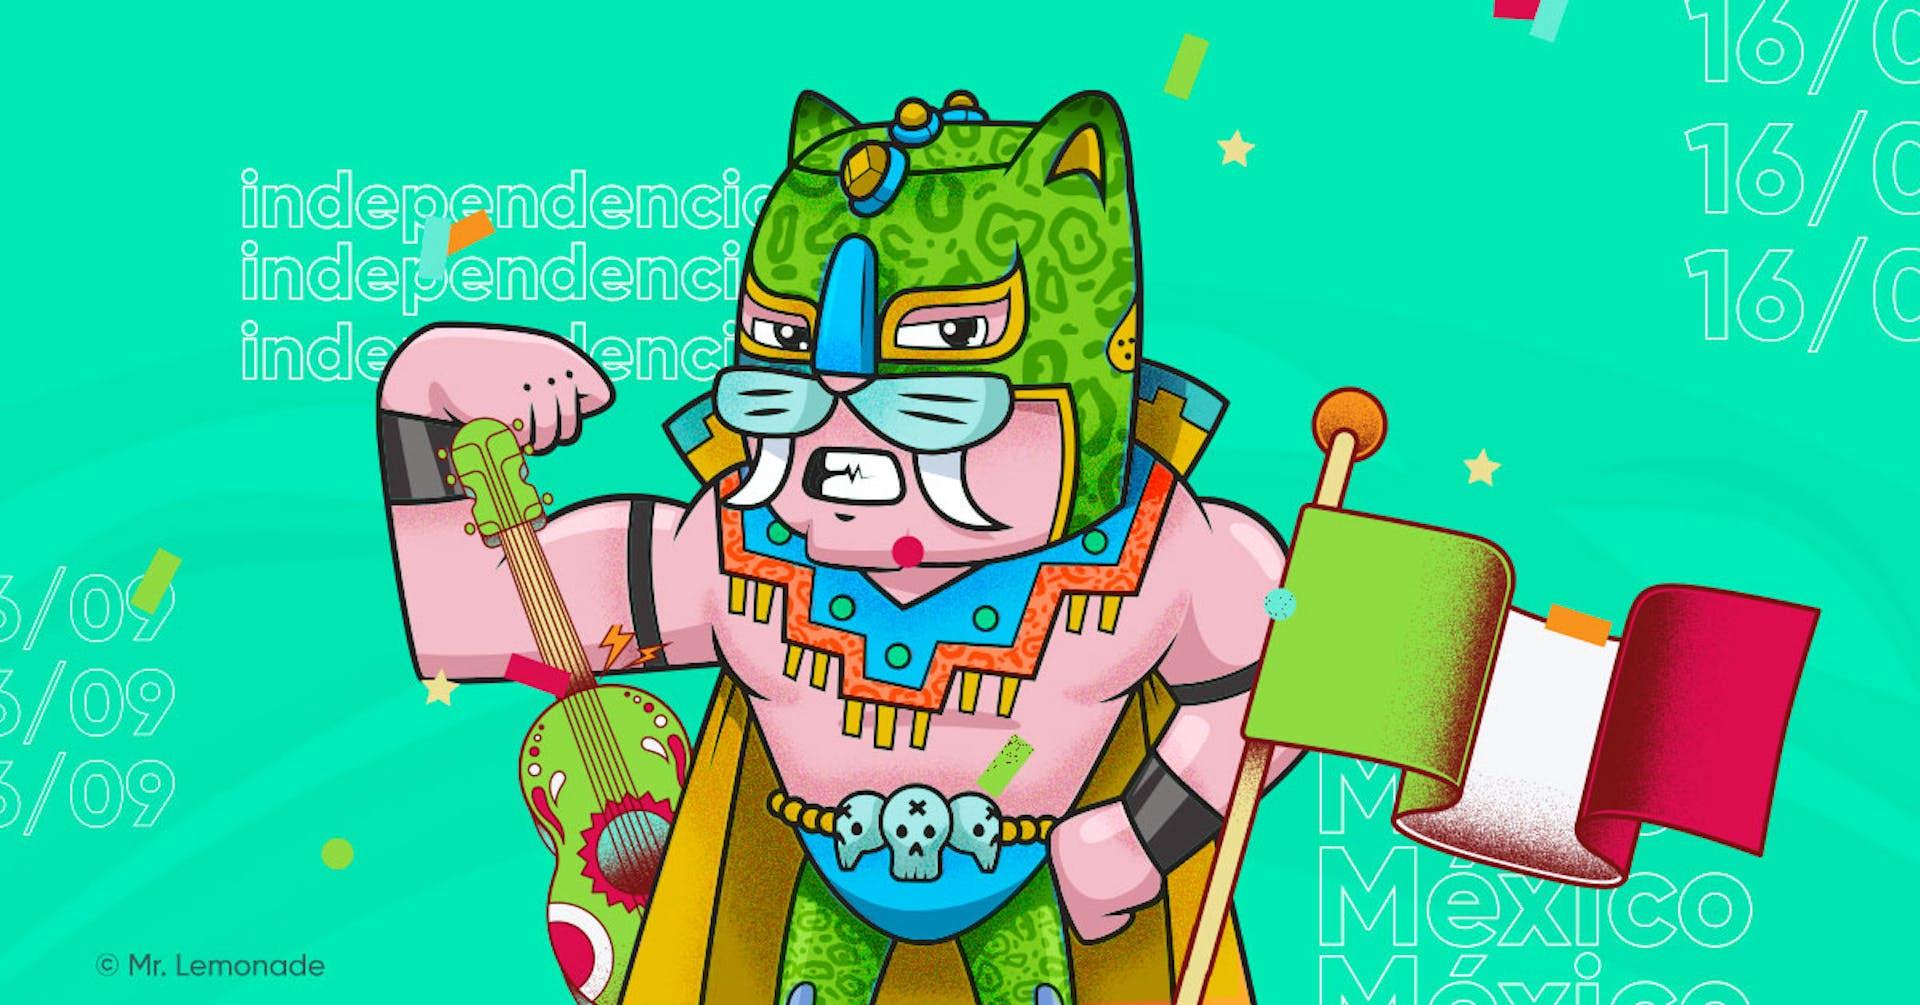 La nota más mexicana que podrás leer en un blog